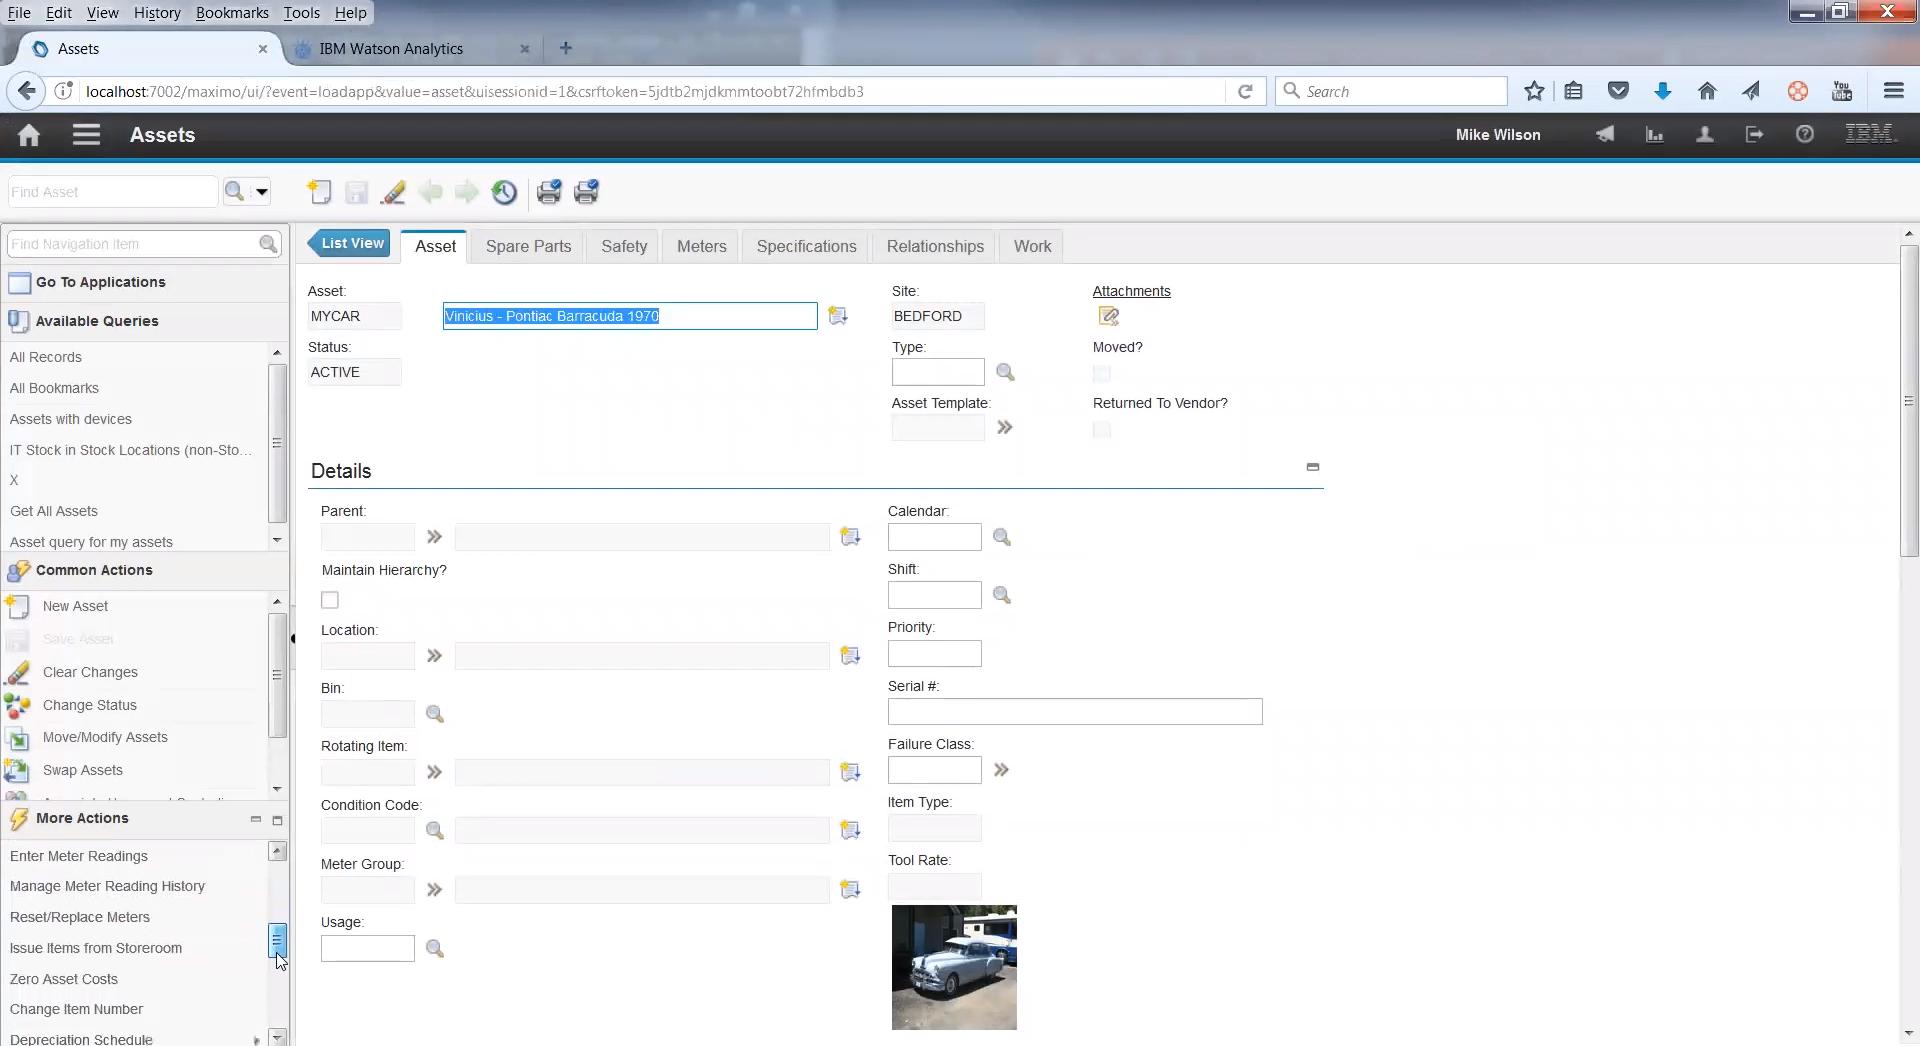 Просмотр электронного формуляра оборудования в EAM-системе IBM Maximo